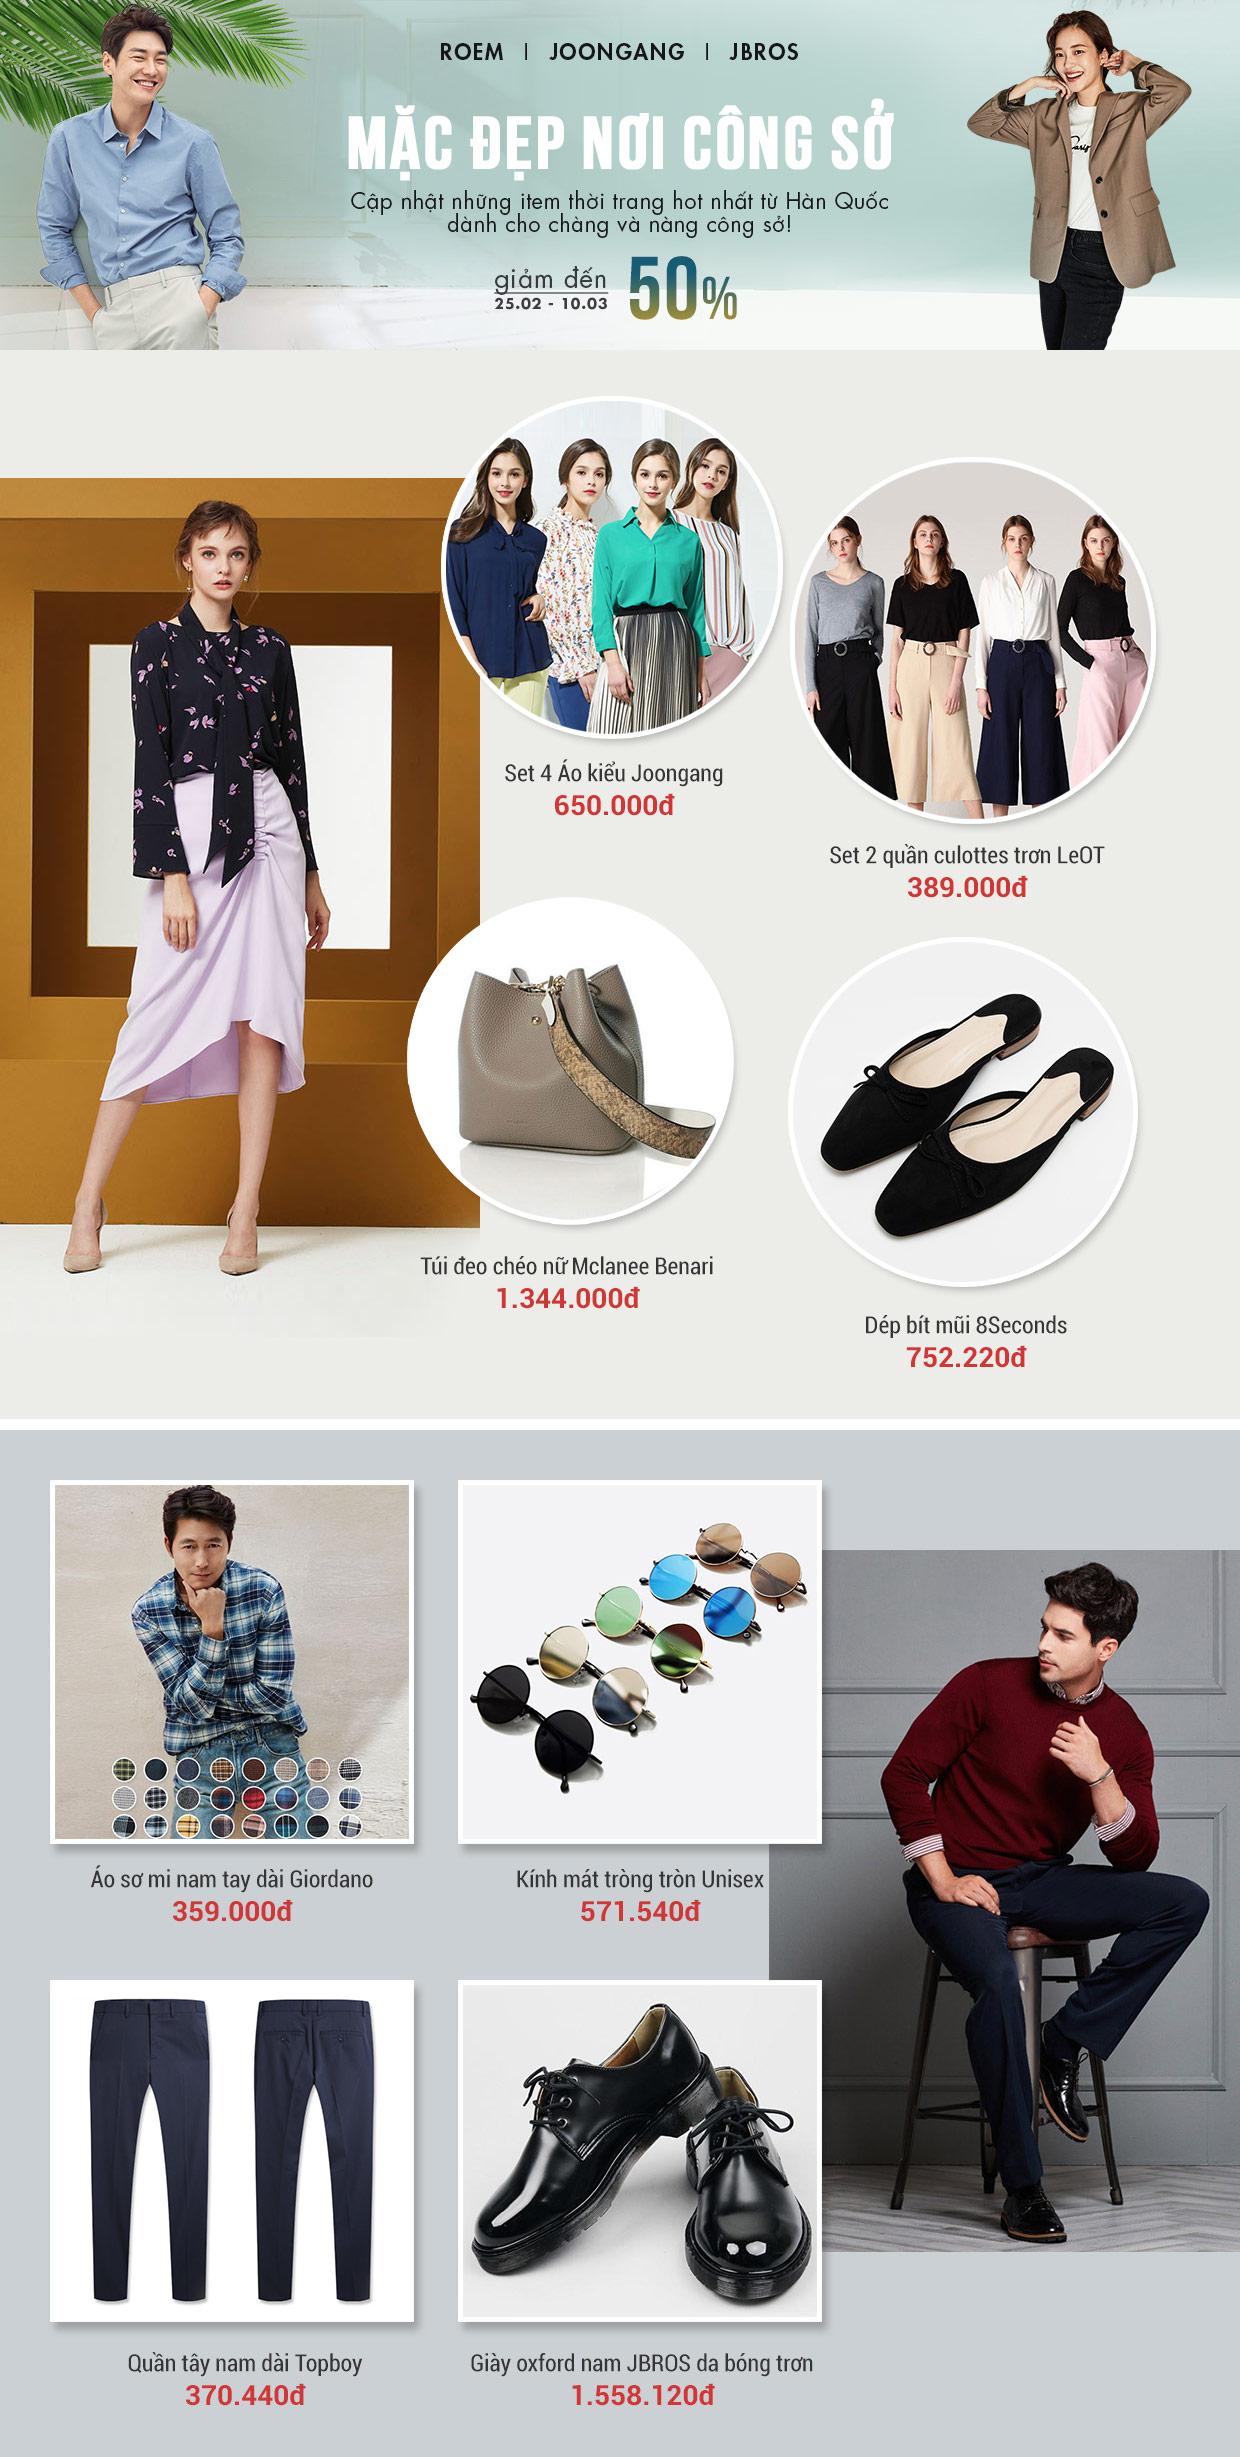 Thời trang nam nữ công sở Hàn Quốc